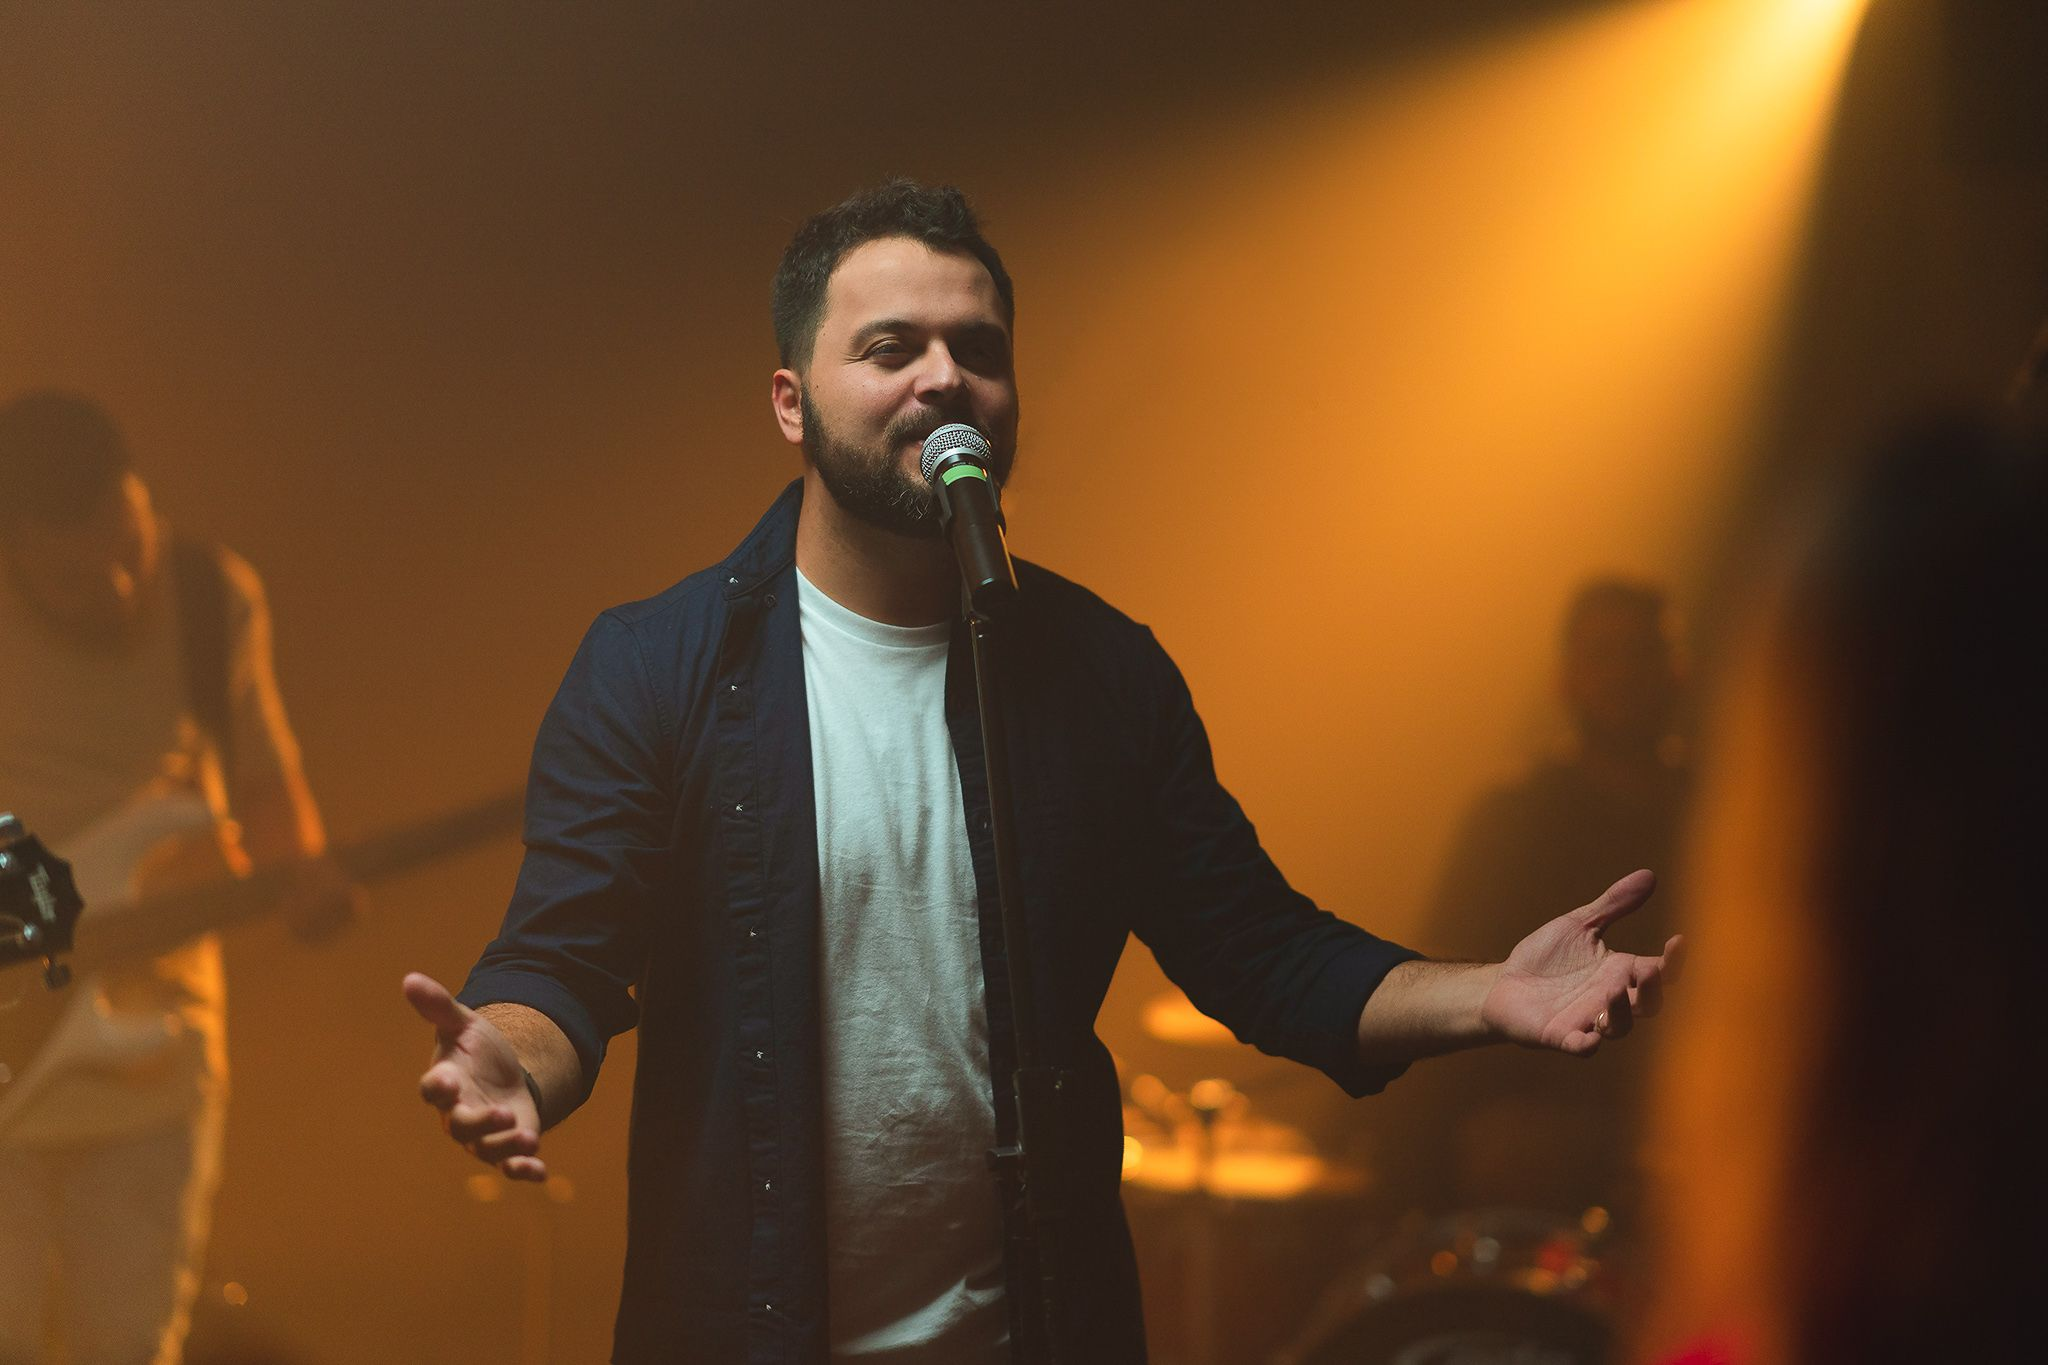 O brasileiro Klebson Kollins é um cantor de música cristã radicado nos EUA